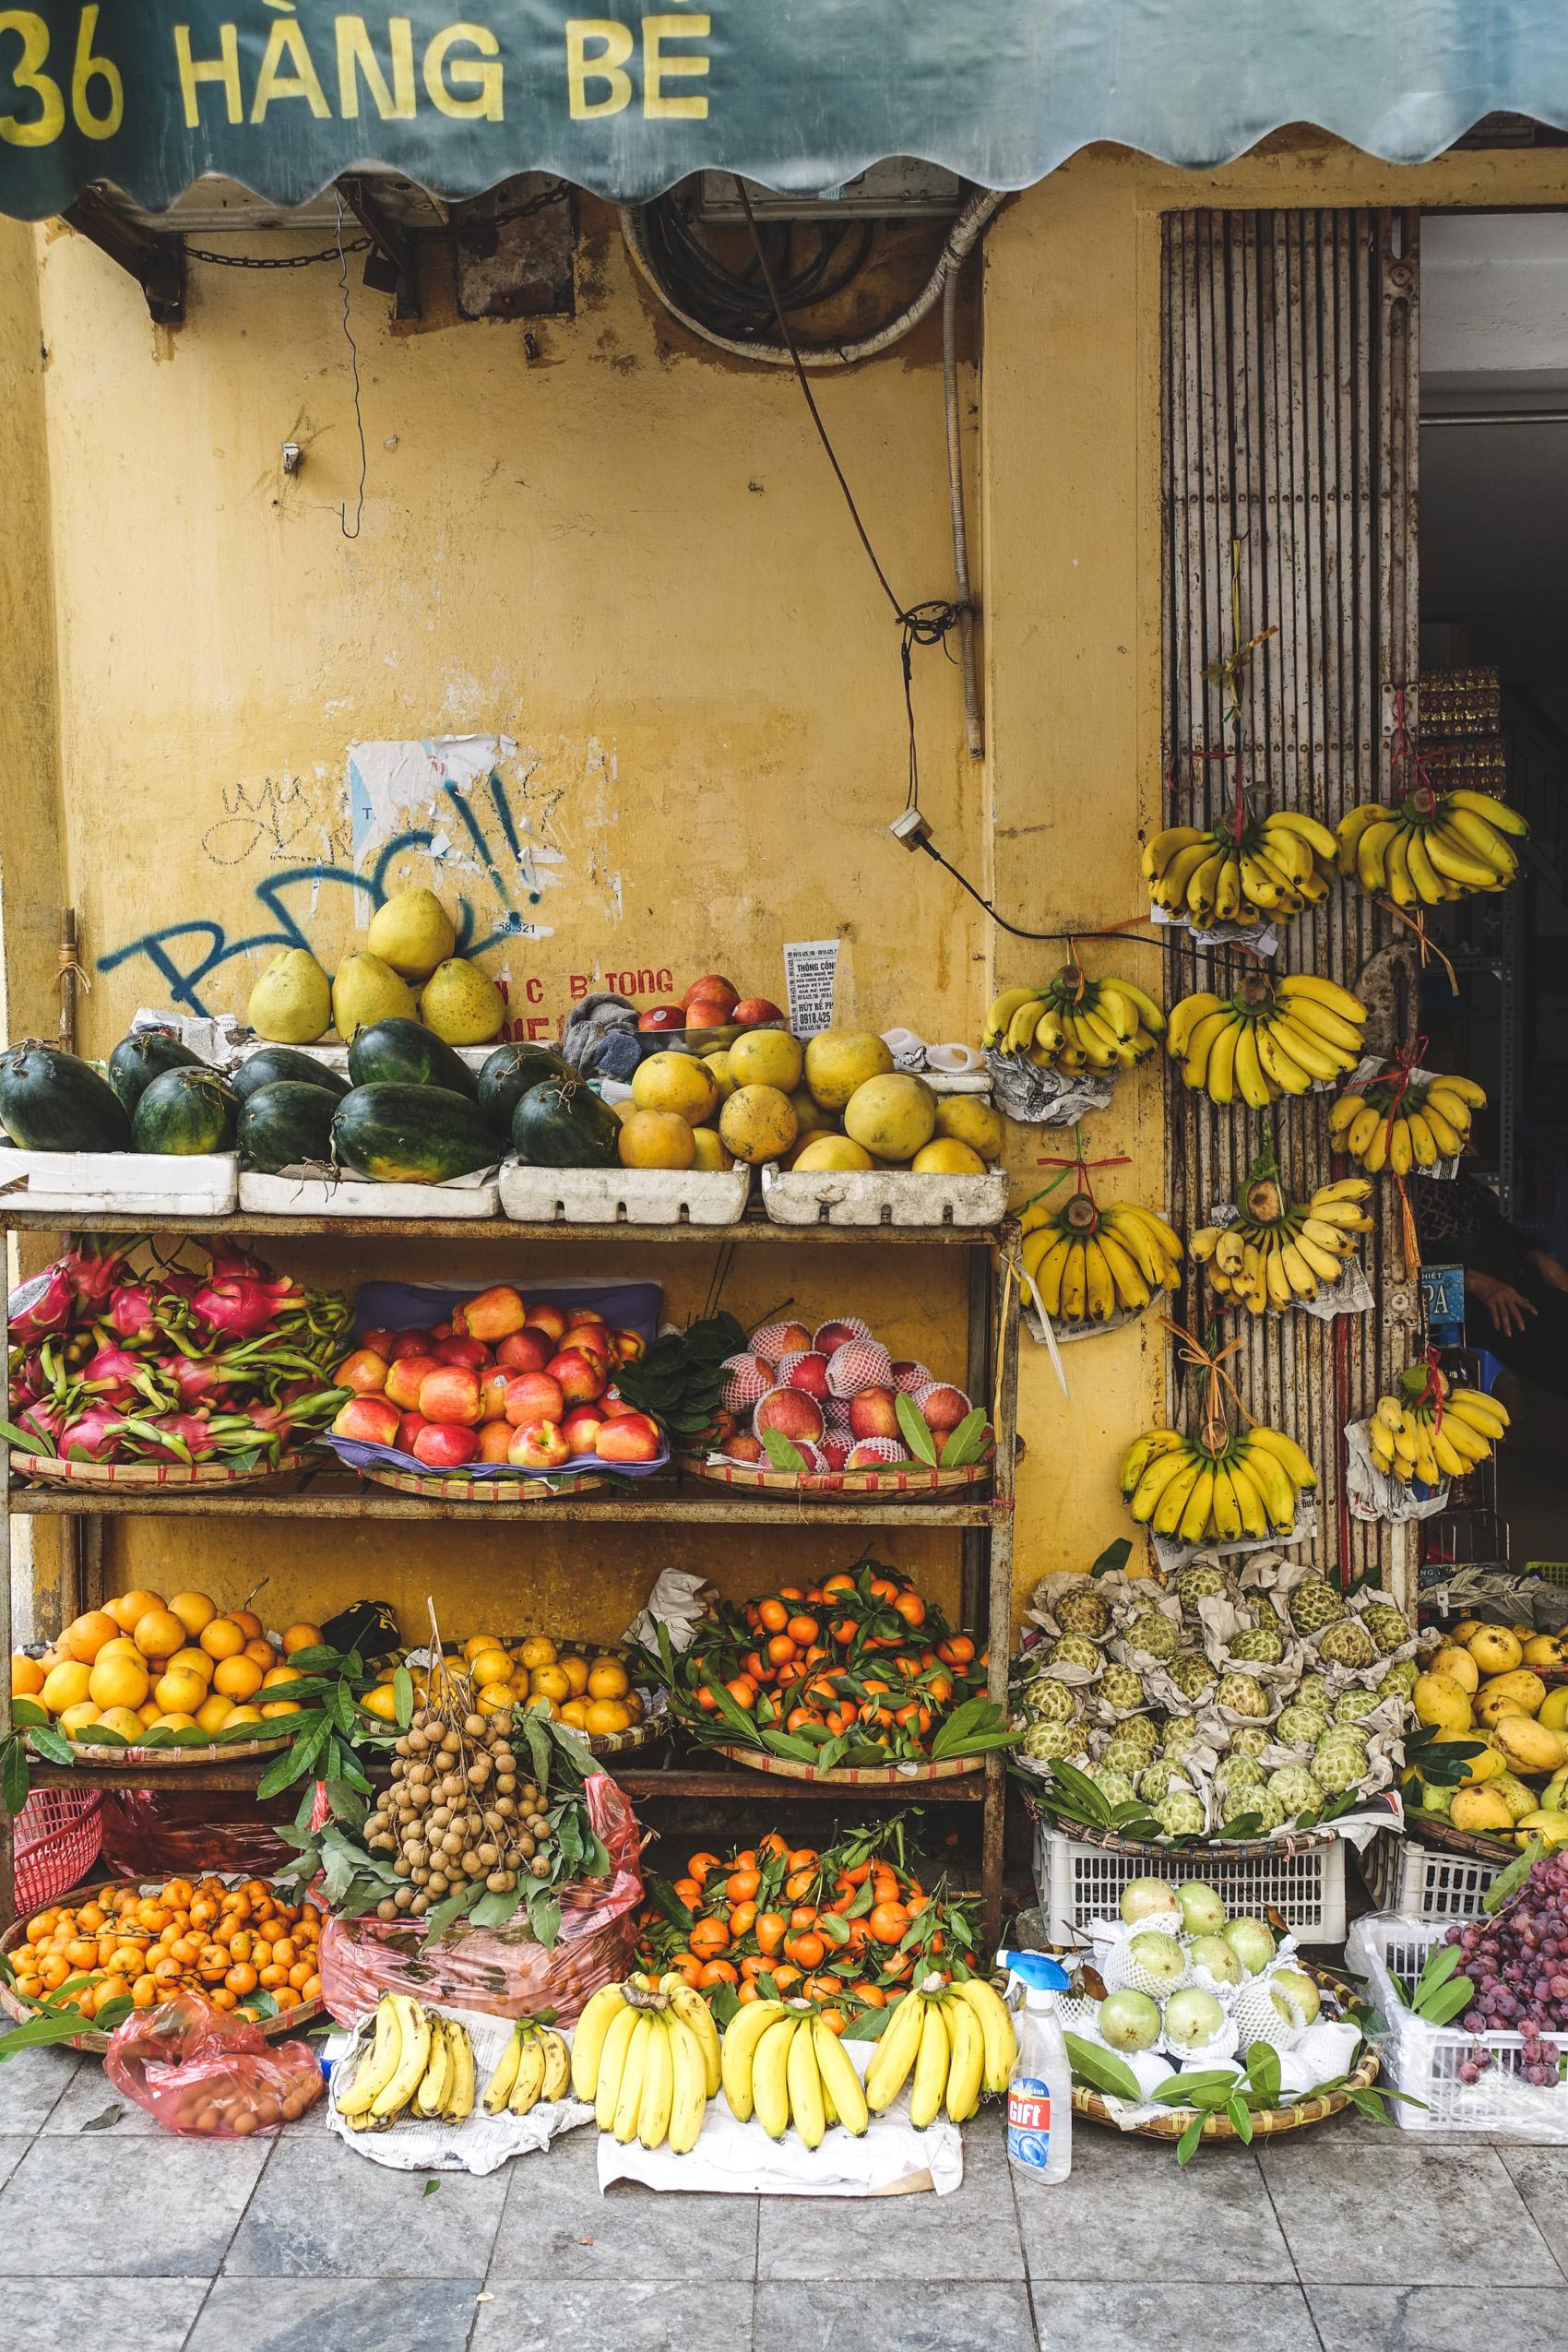 Hanoi Vegan Food Guide (1 of 2)